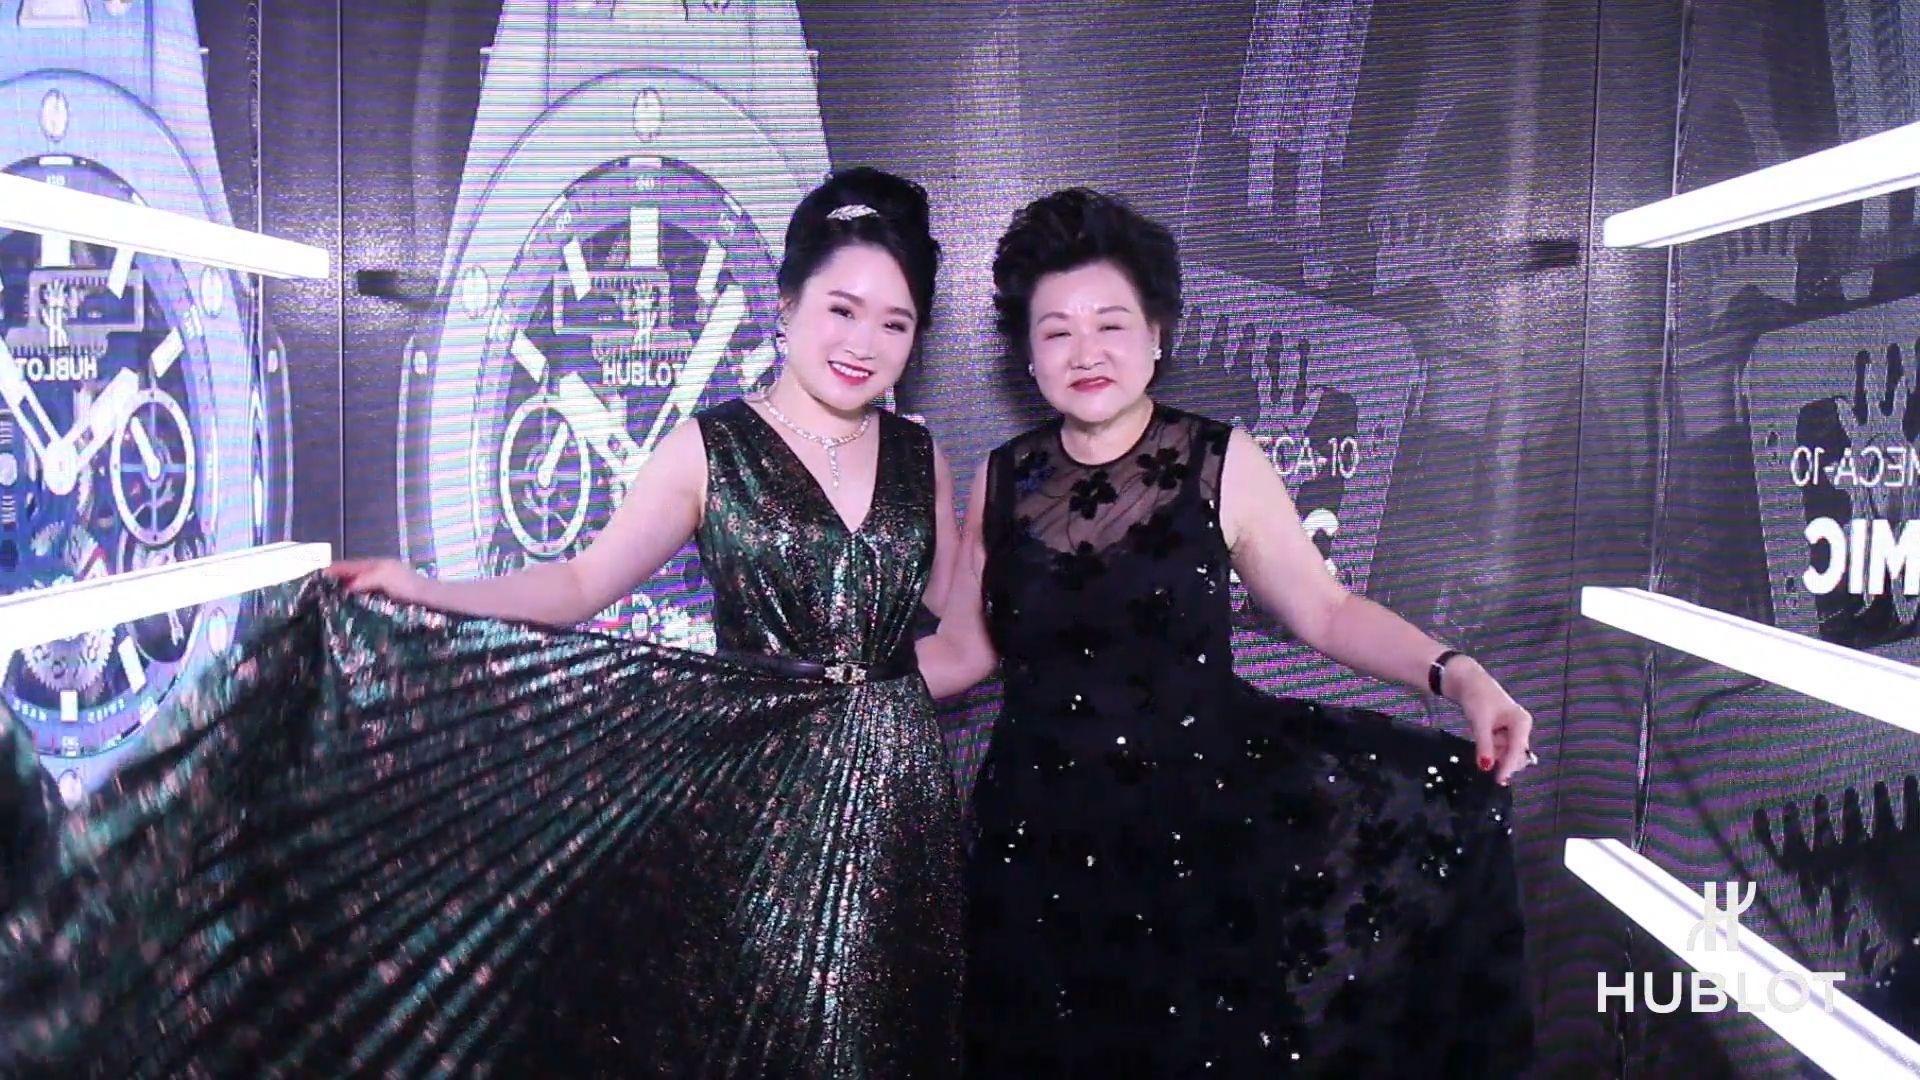 Lam Tze Tze, Lam Ping Yee